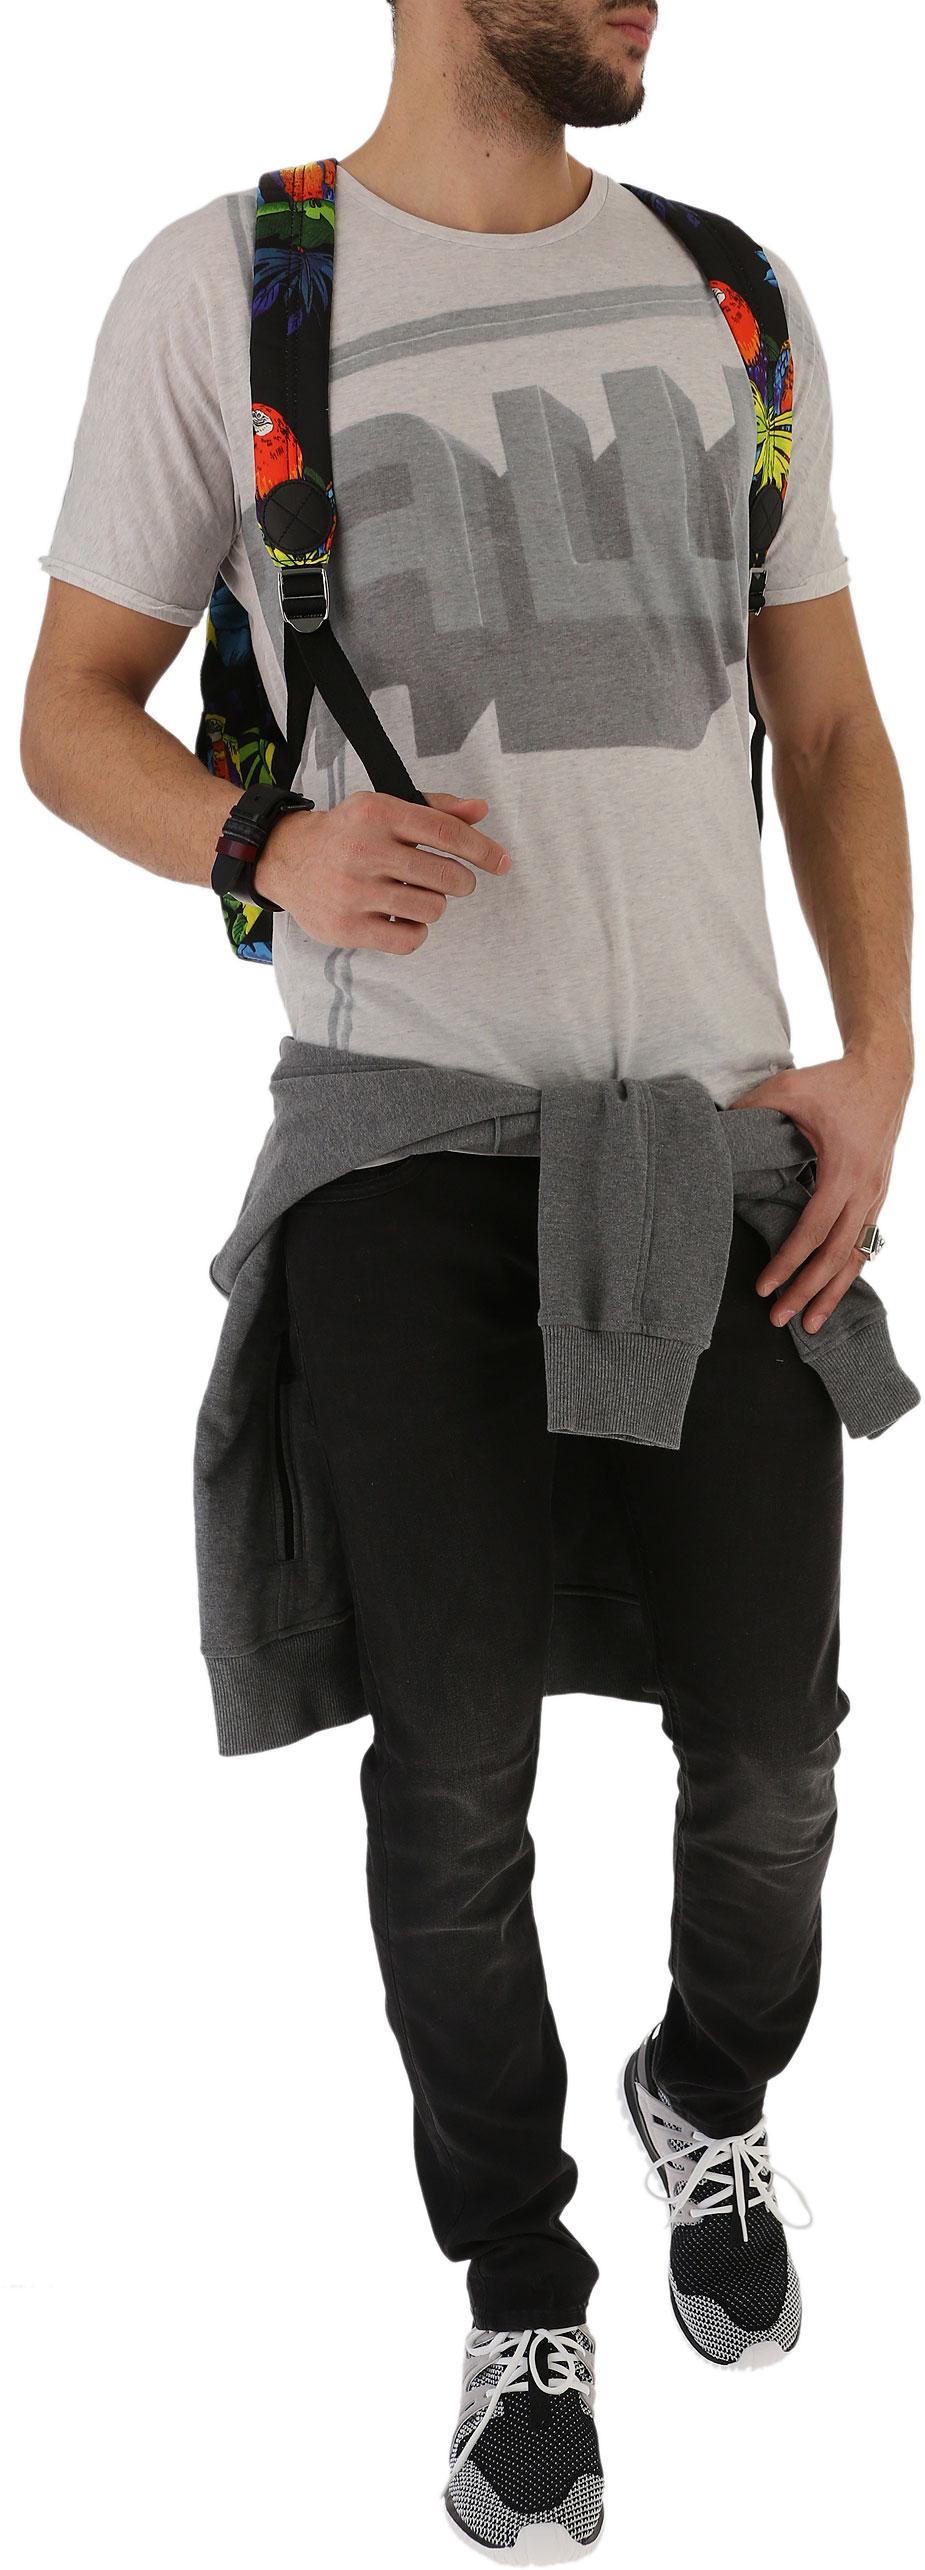 Abbigliamento Uomo G-Star, Codice Articolo: 84026d-2757-129